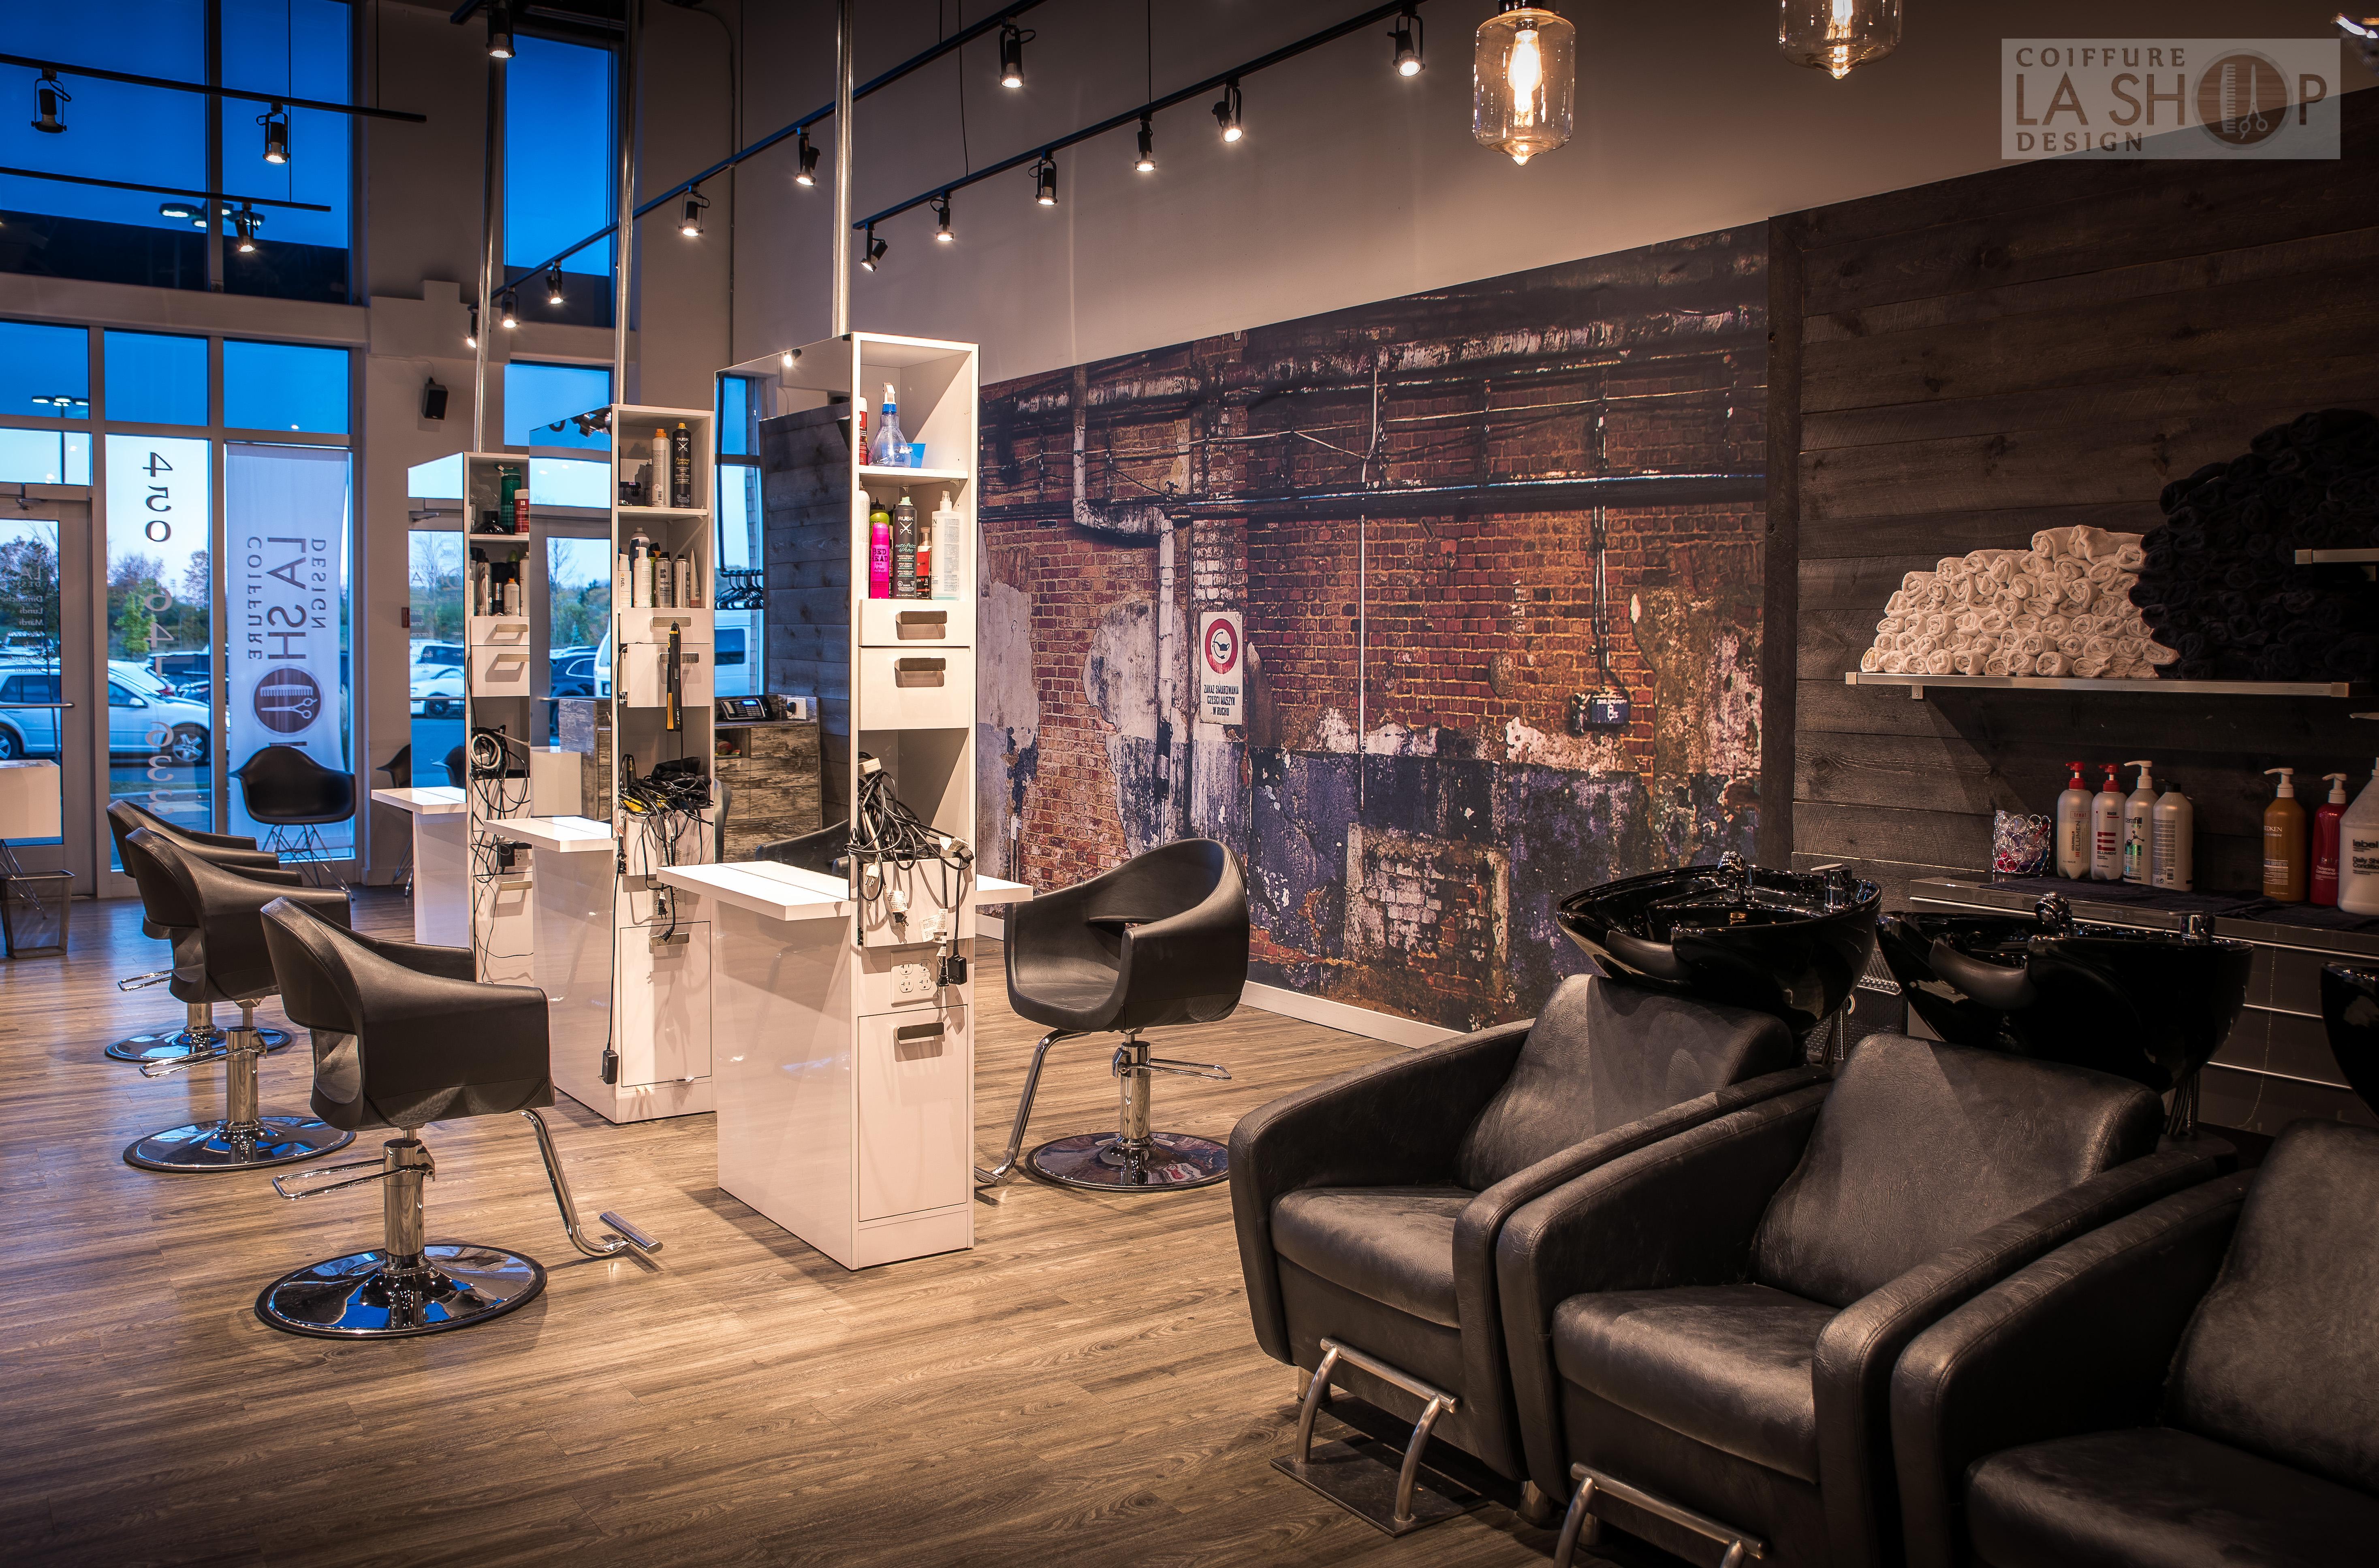 Coiffure La Shop Design | Salon Coiffure | Boucherville | Coiffeur